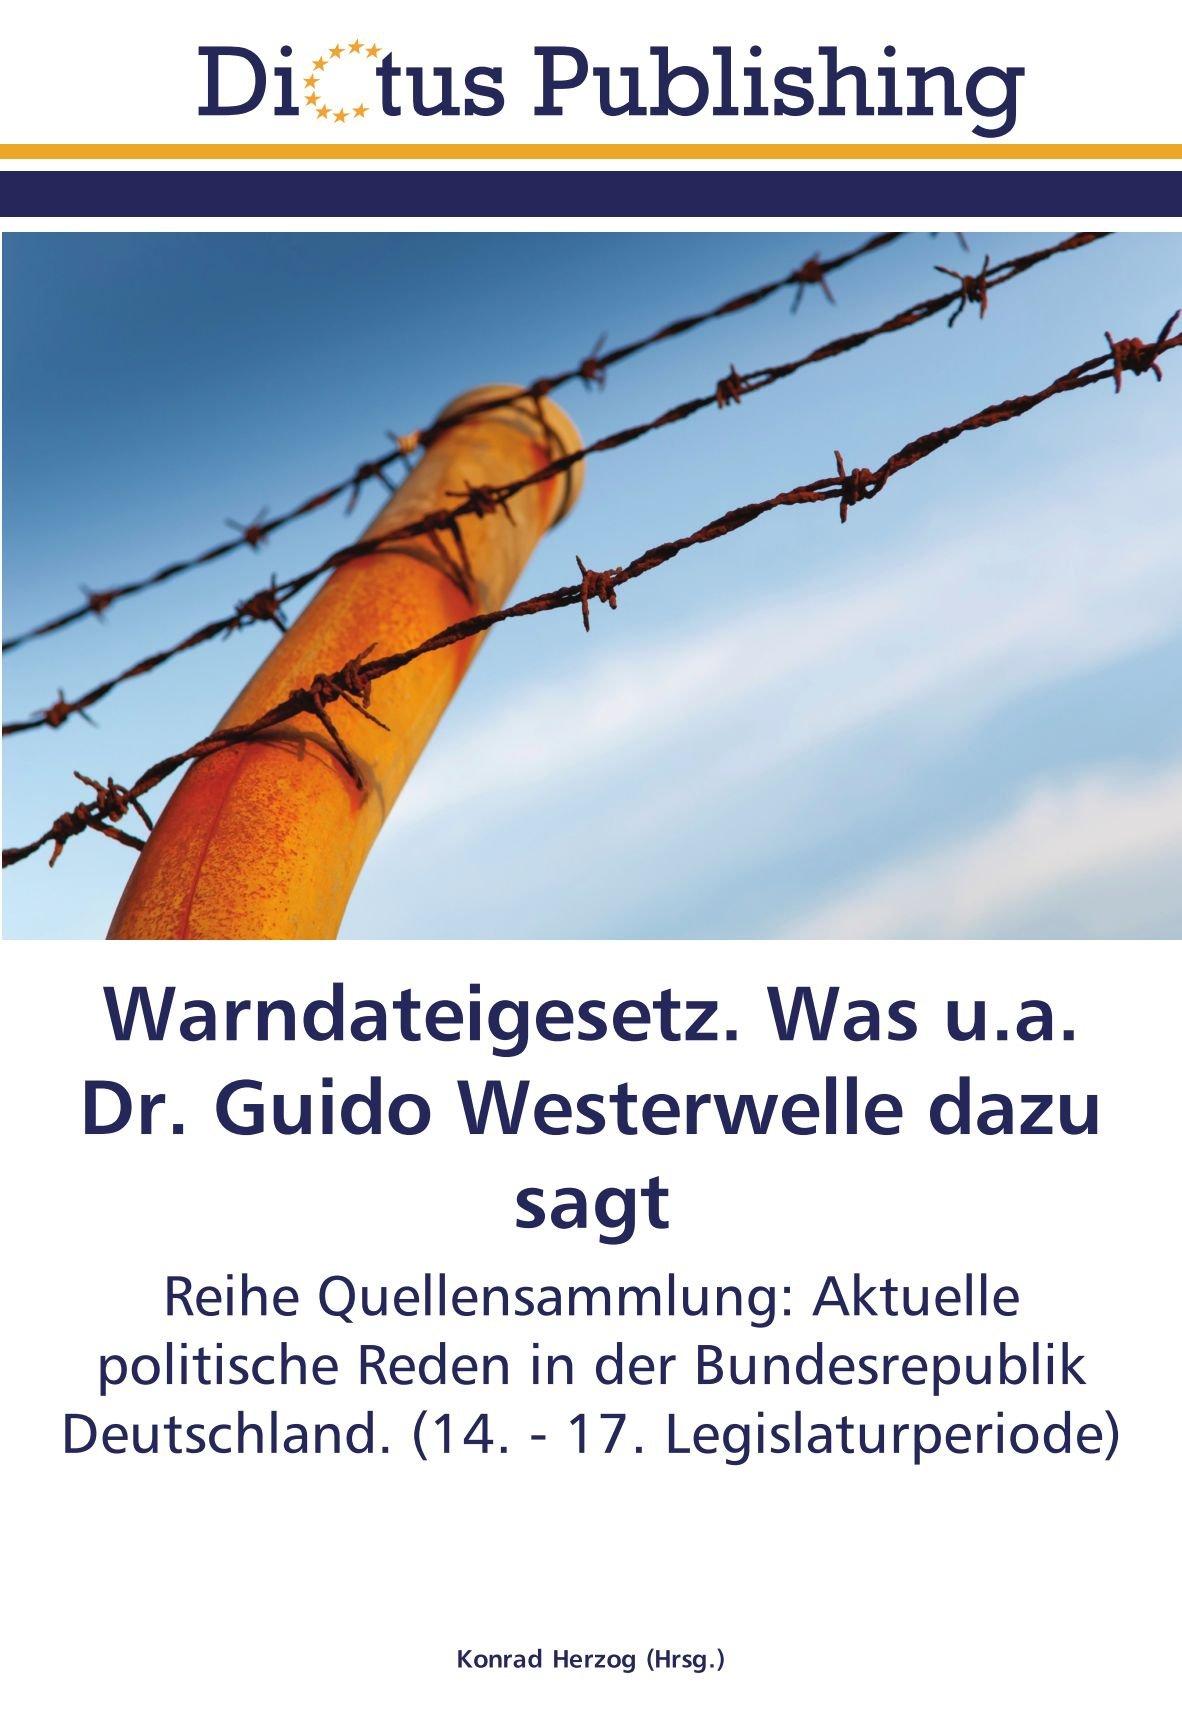 Download Warndateigesetz. Was u.a. Dr. Guido Westerwelle dazu sagt: Reihe Quellensammlung: Aktuelle politische Reden in der Bundesrepublik Deutschland. (14. - 17. Legislaturperiode) (German Edition) ebook